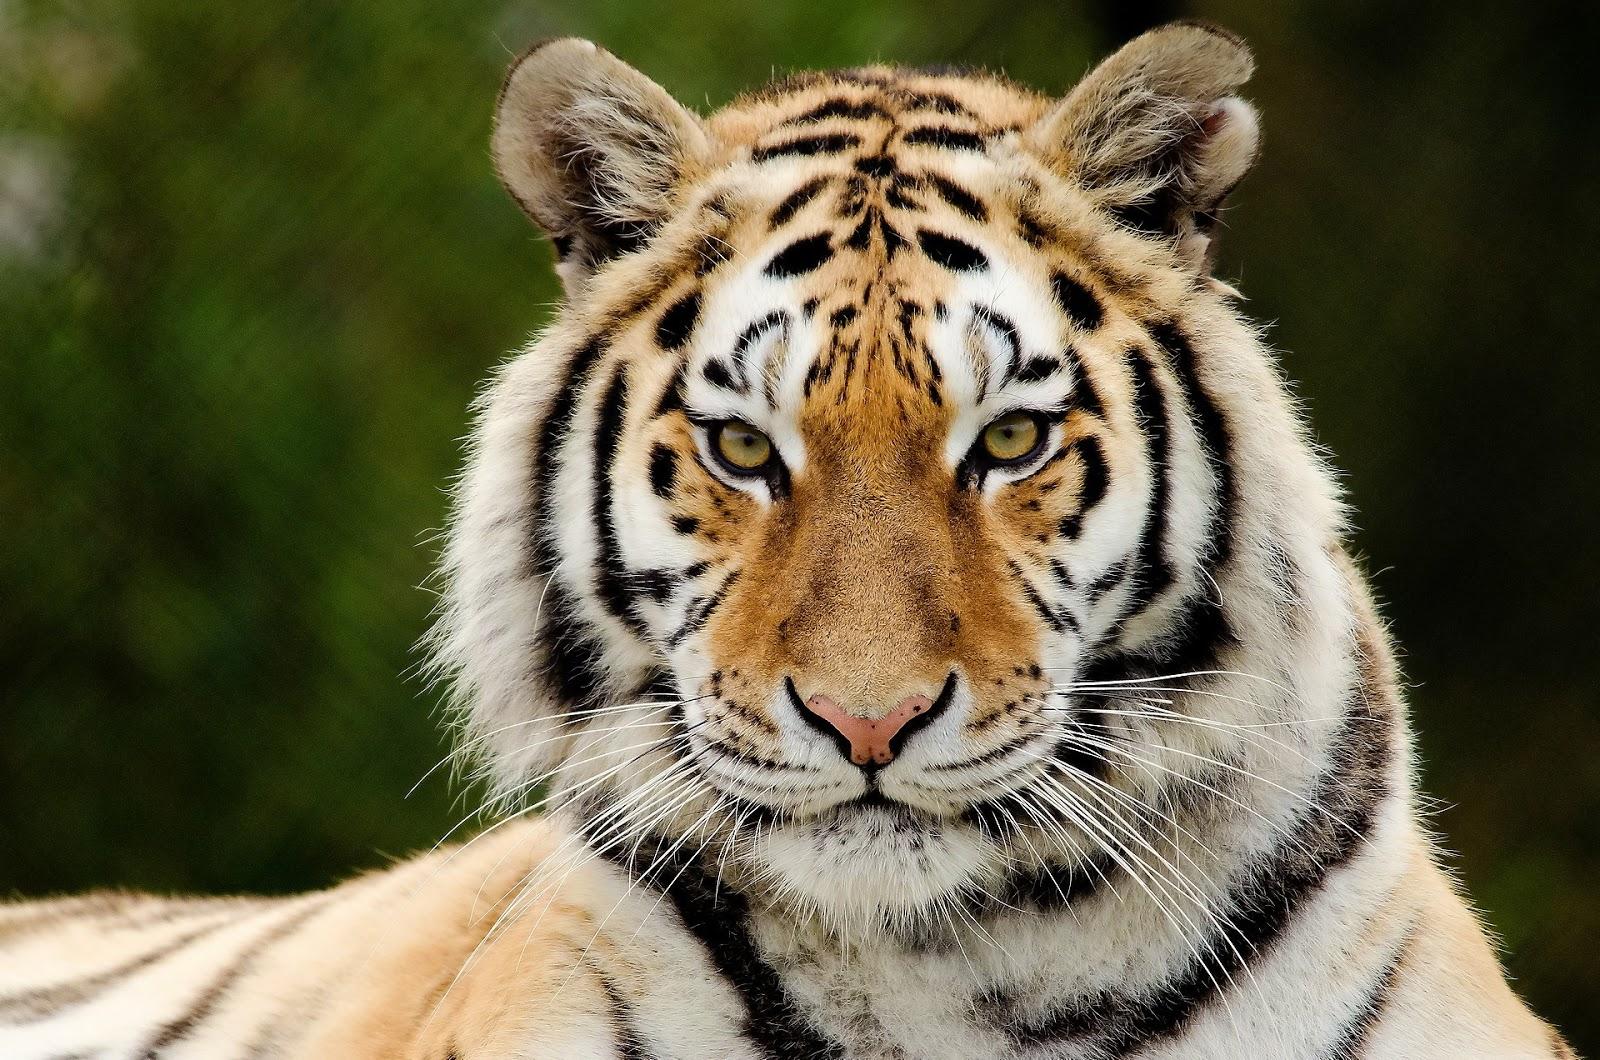 Round trip tiger safari in india - Image tete de tigre ...